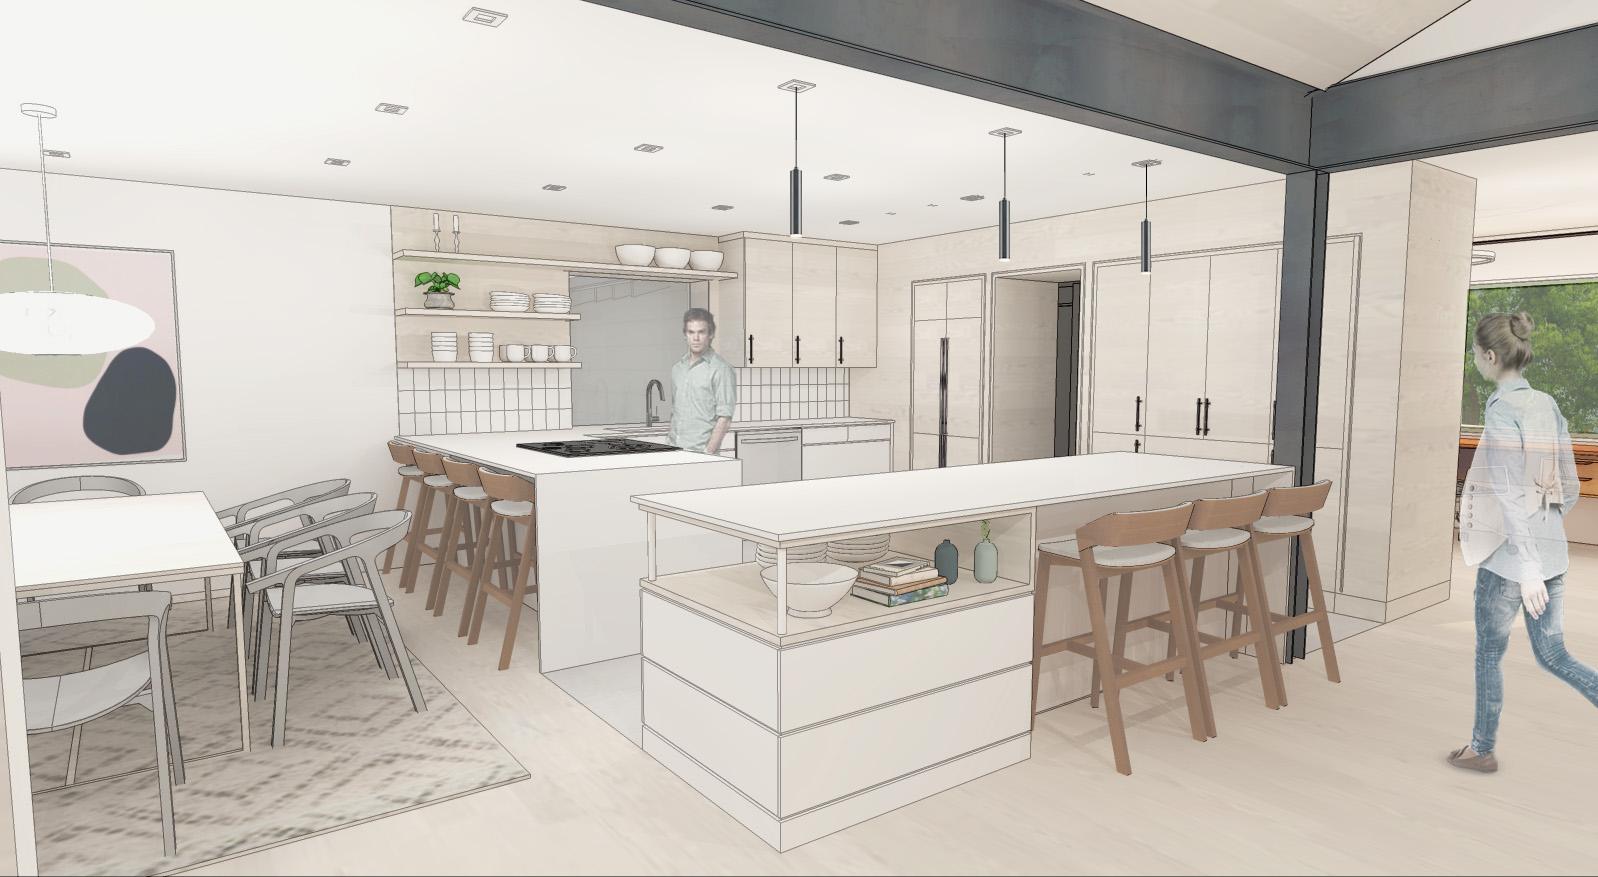 2016_OAKLEY - kitchen rendering.jpg